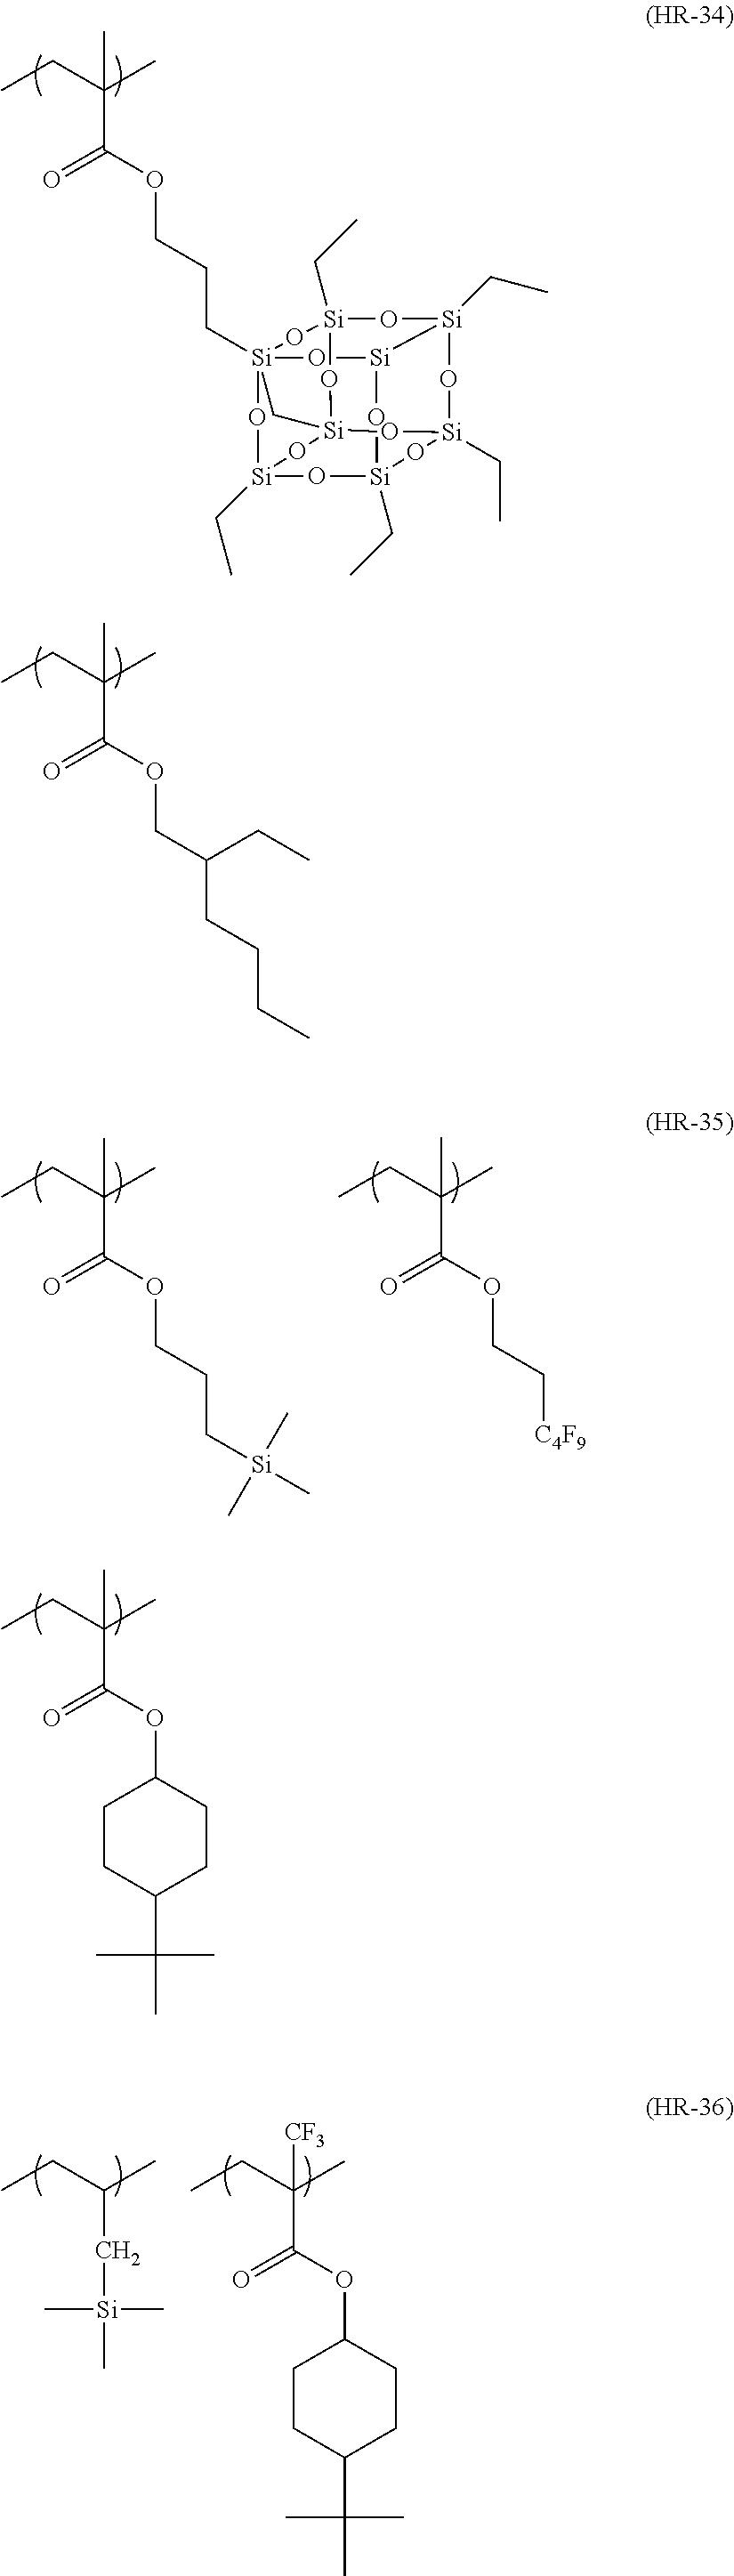 Figure US20110183258A1-20110728-C00118